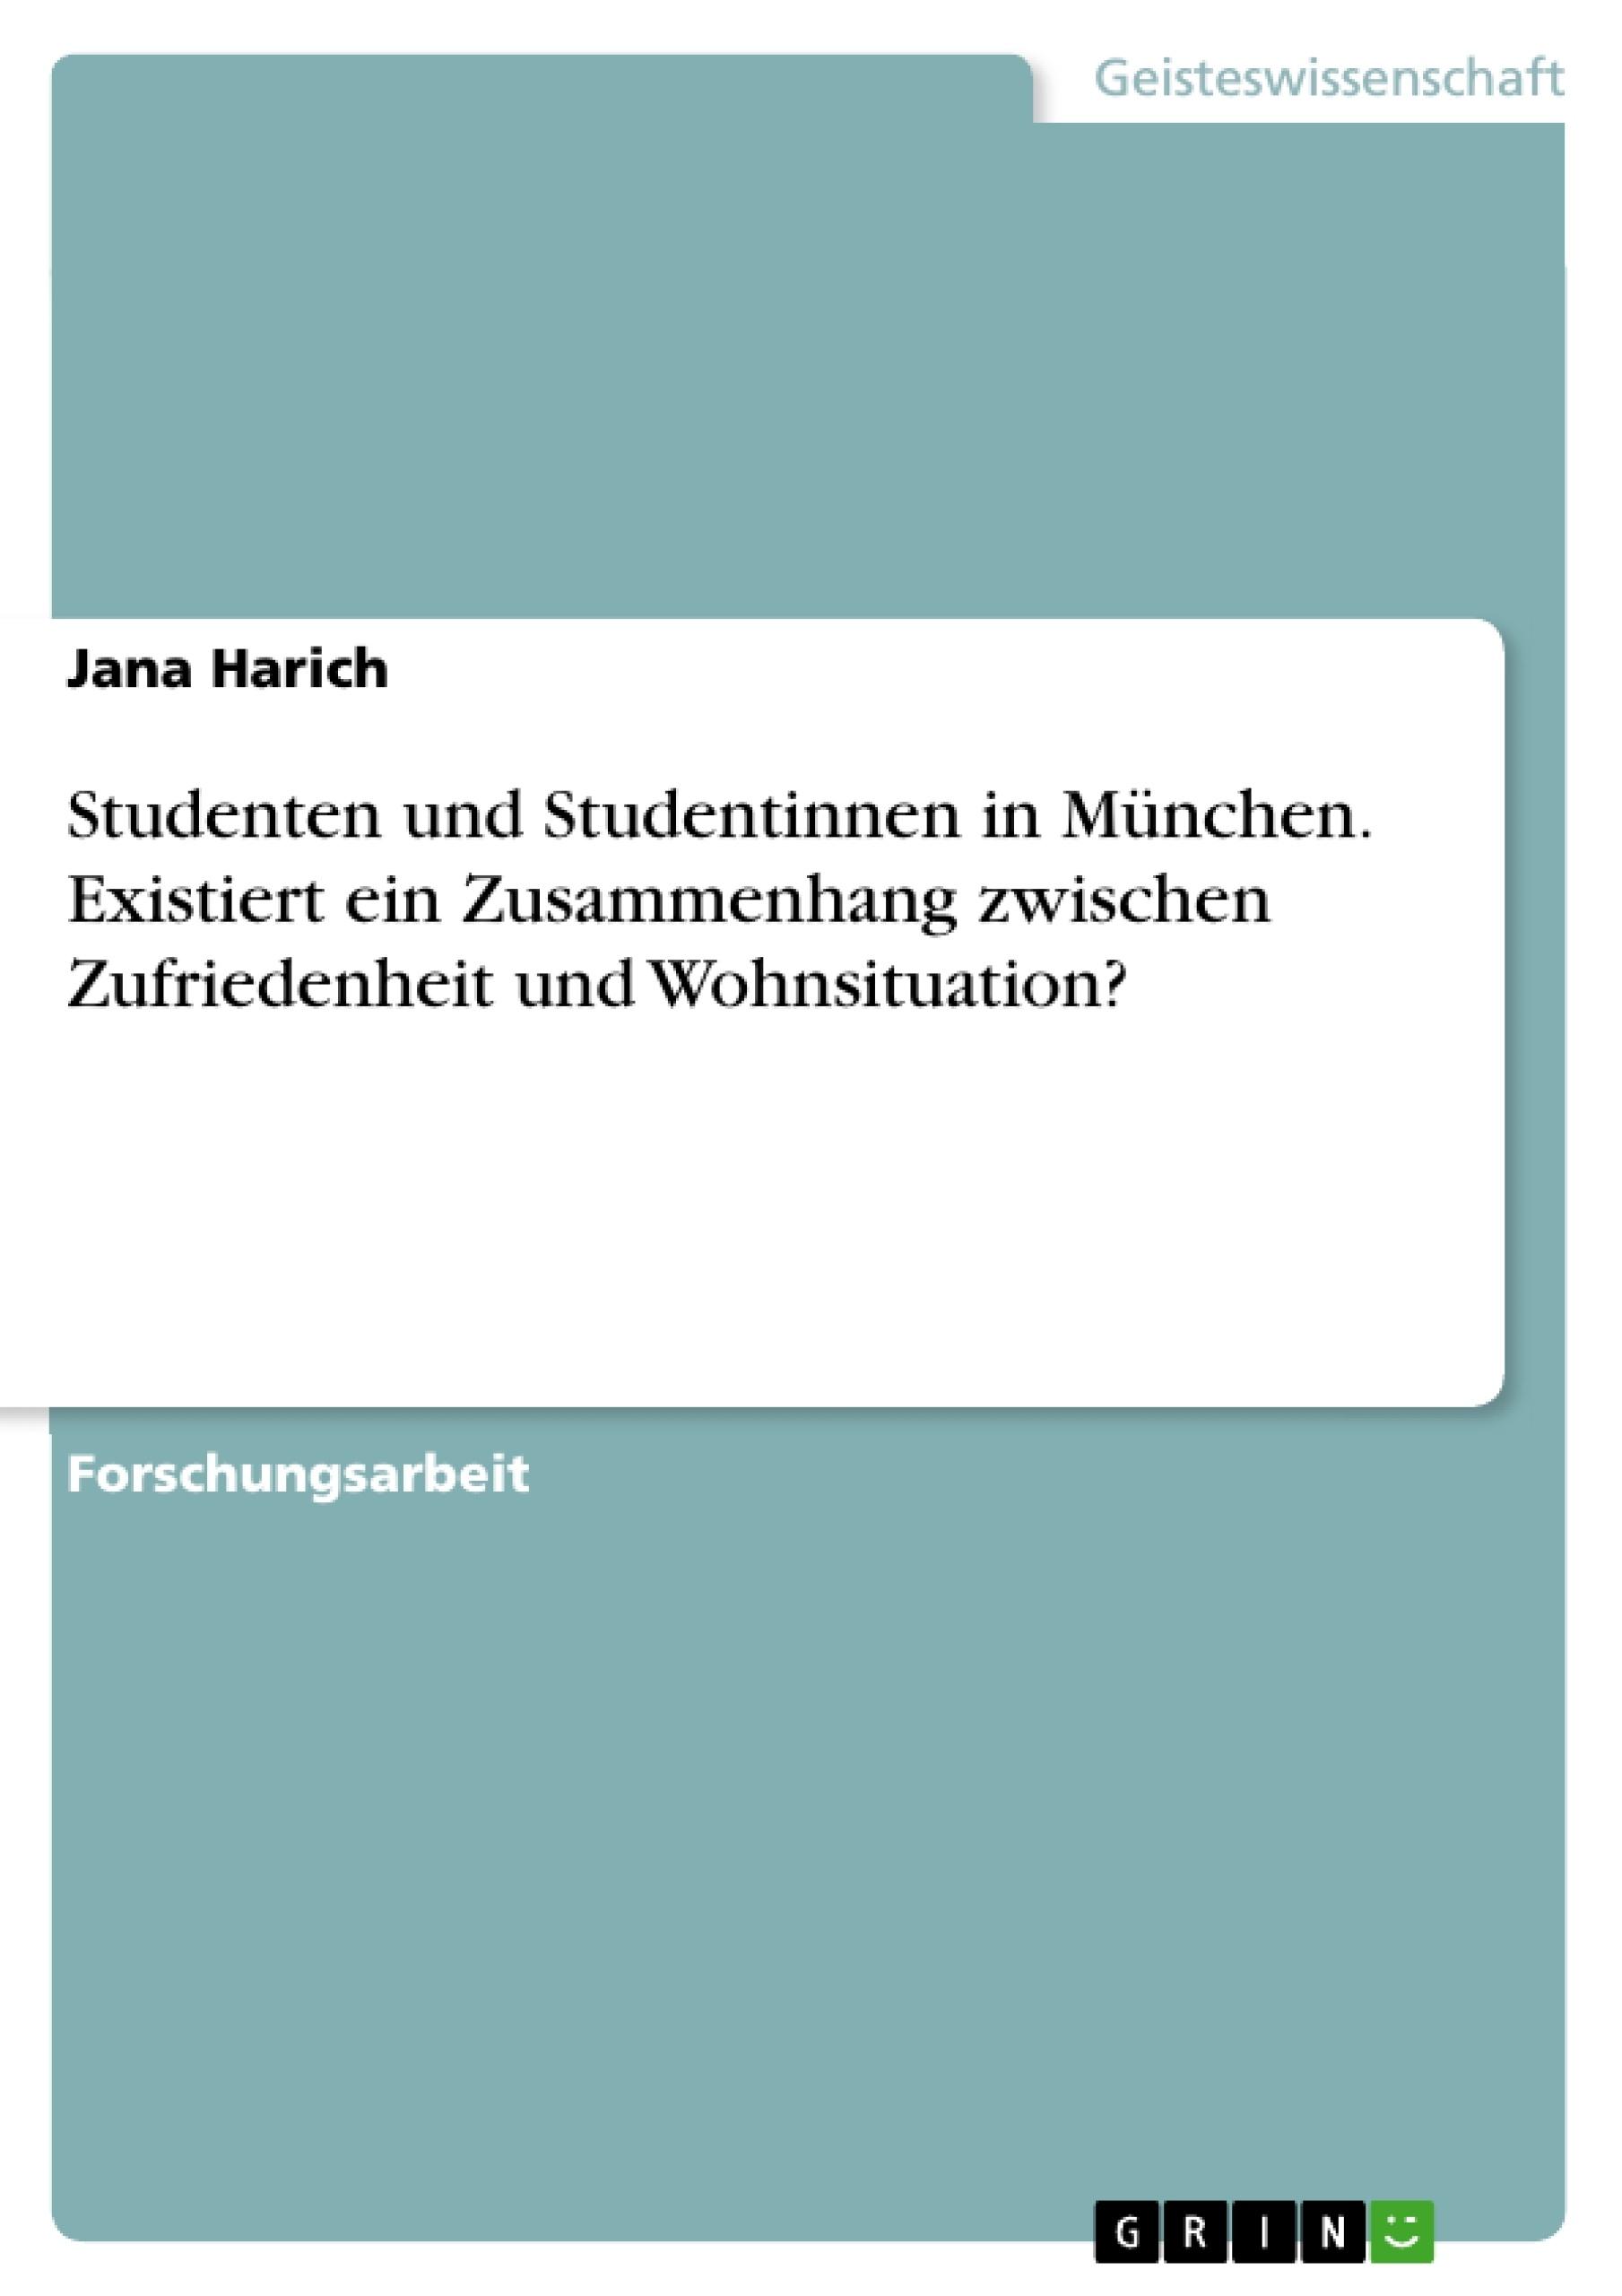 Titel: Studenten und Studentinnen in München. Existiert ein Zusammenhang zwischen Zufriedenheit und Wohnsituation?